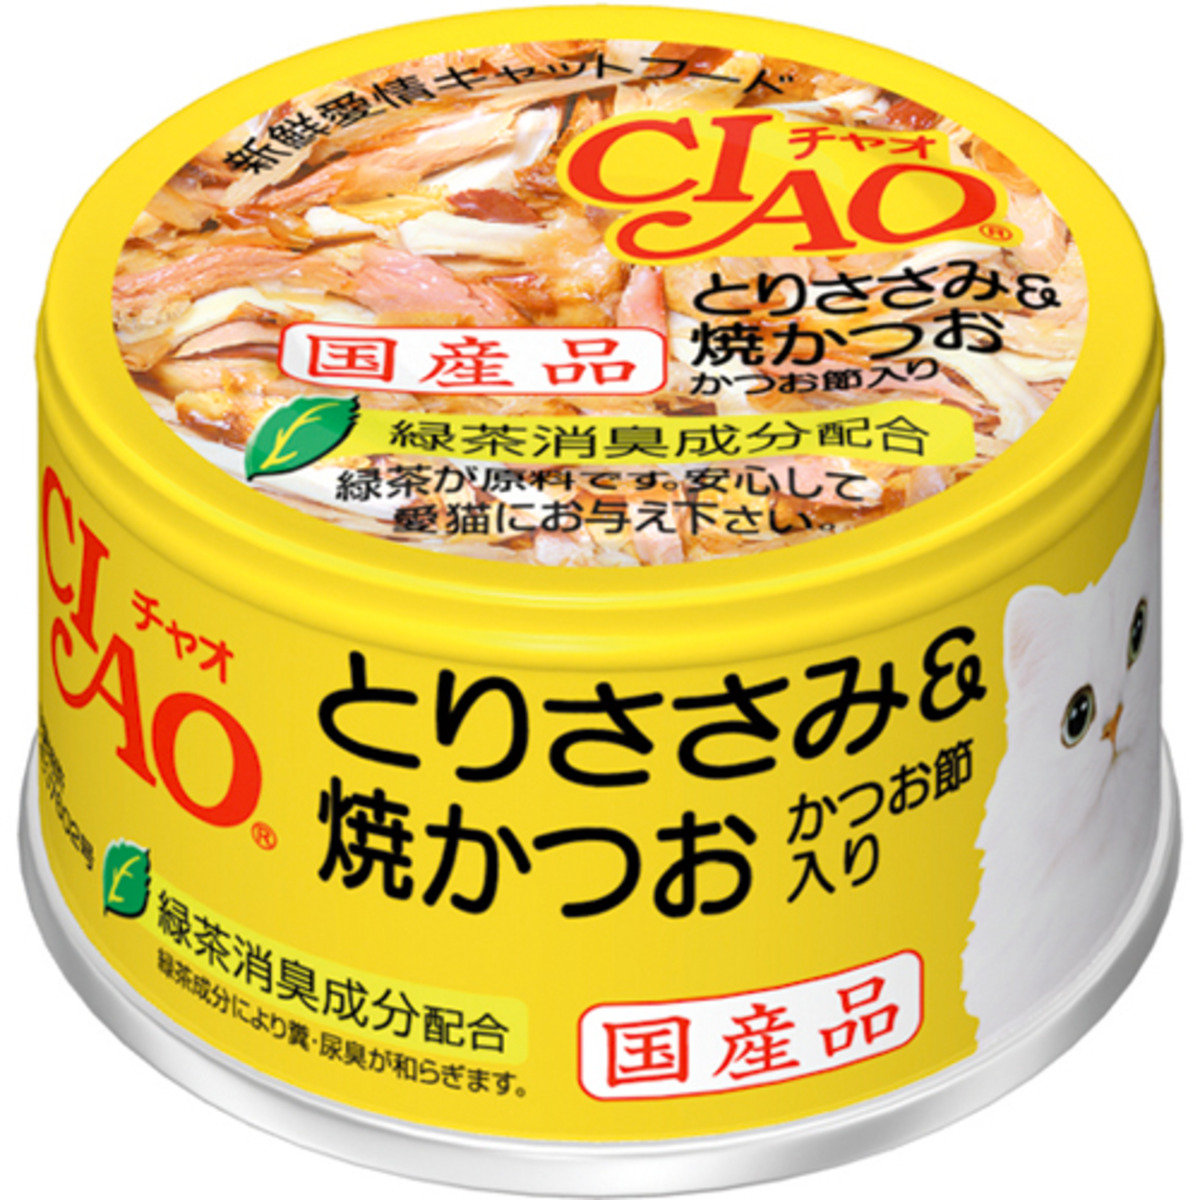 日本CIAO綠茶雞肉燒鰹魚 C-54